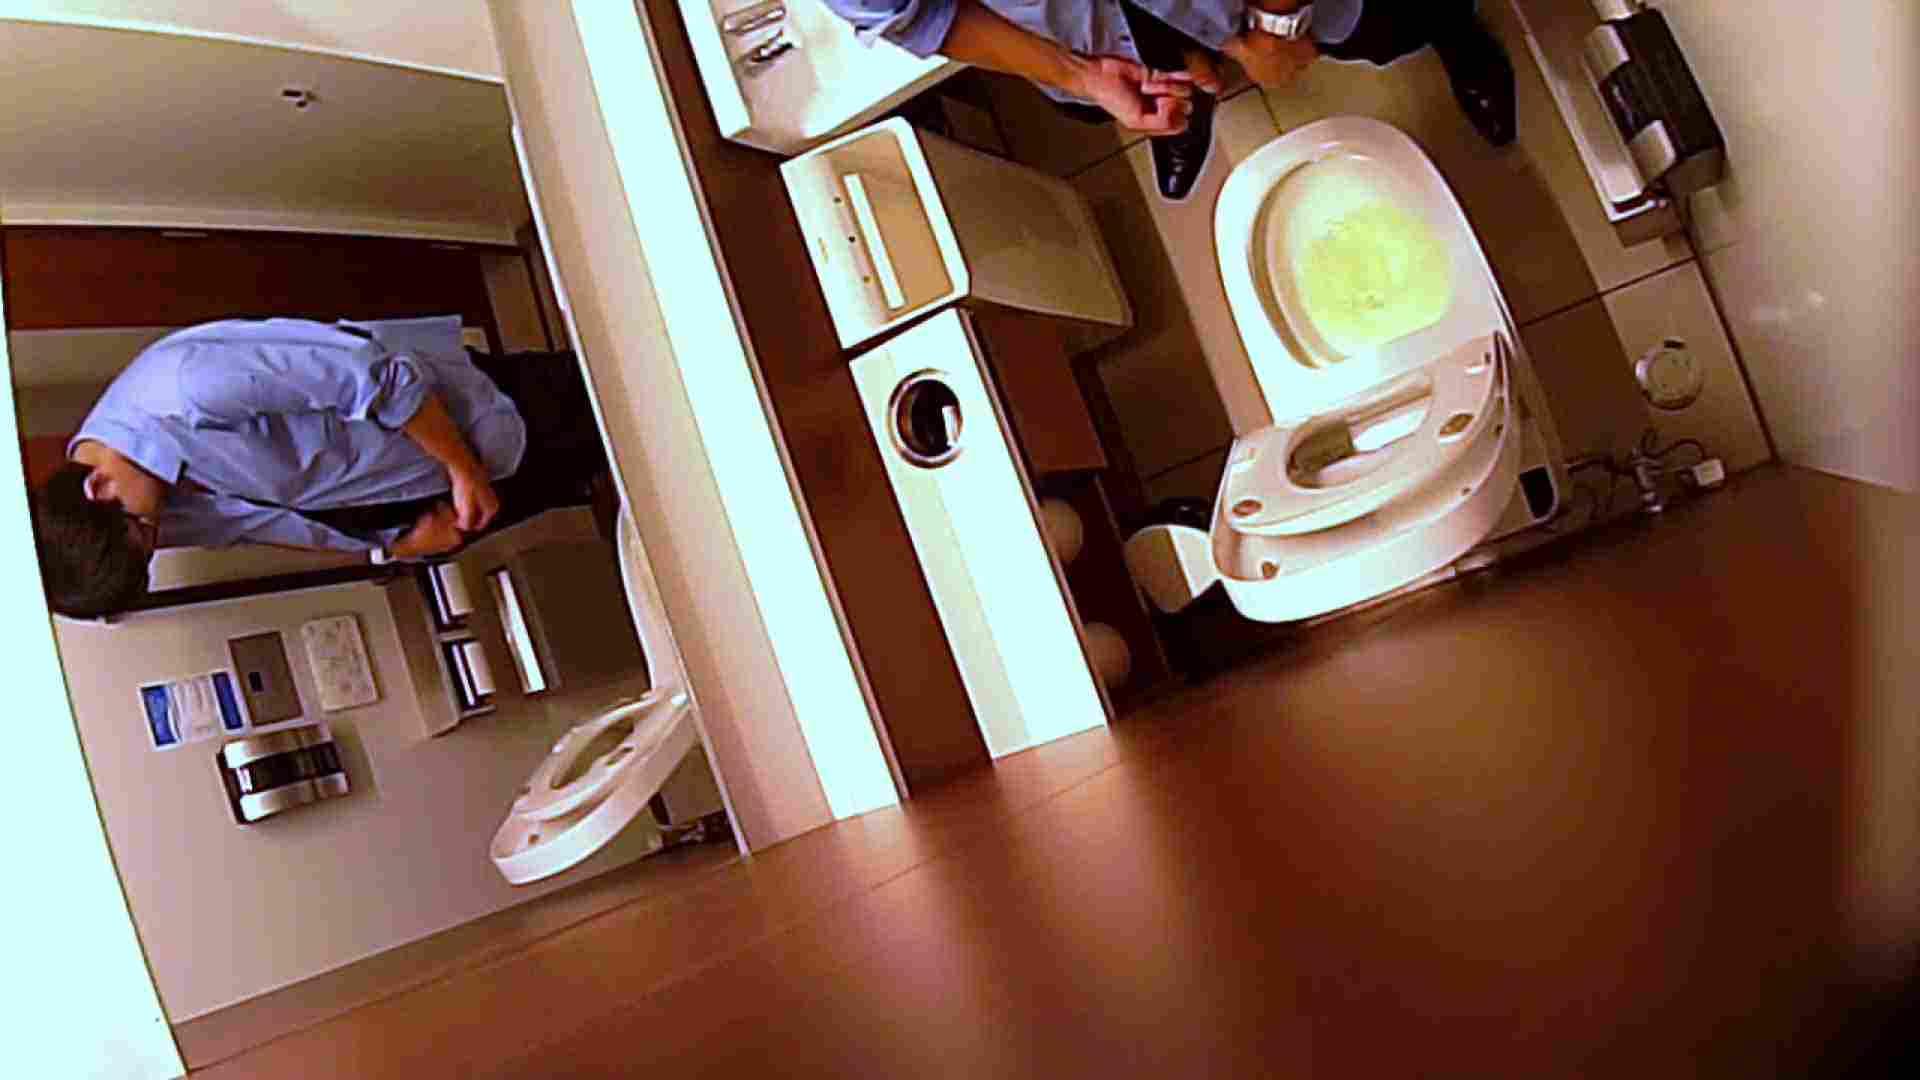 すみませんが覗かせてください Vol.31 トイレ | 0  94pic 50